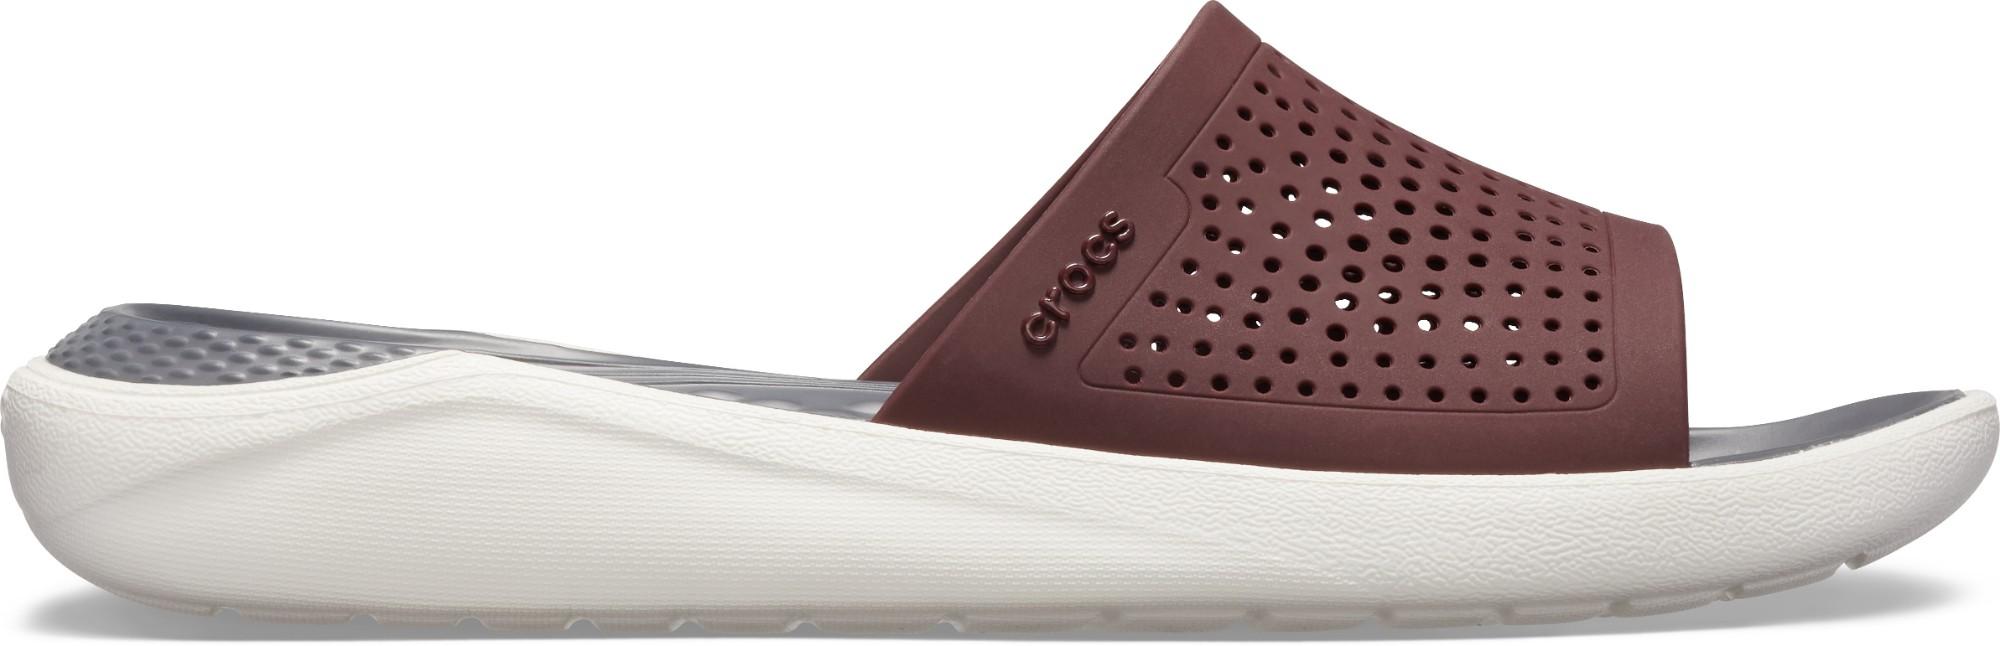 Crocs™ LiteRide Slide Burgundy/White 43,5